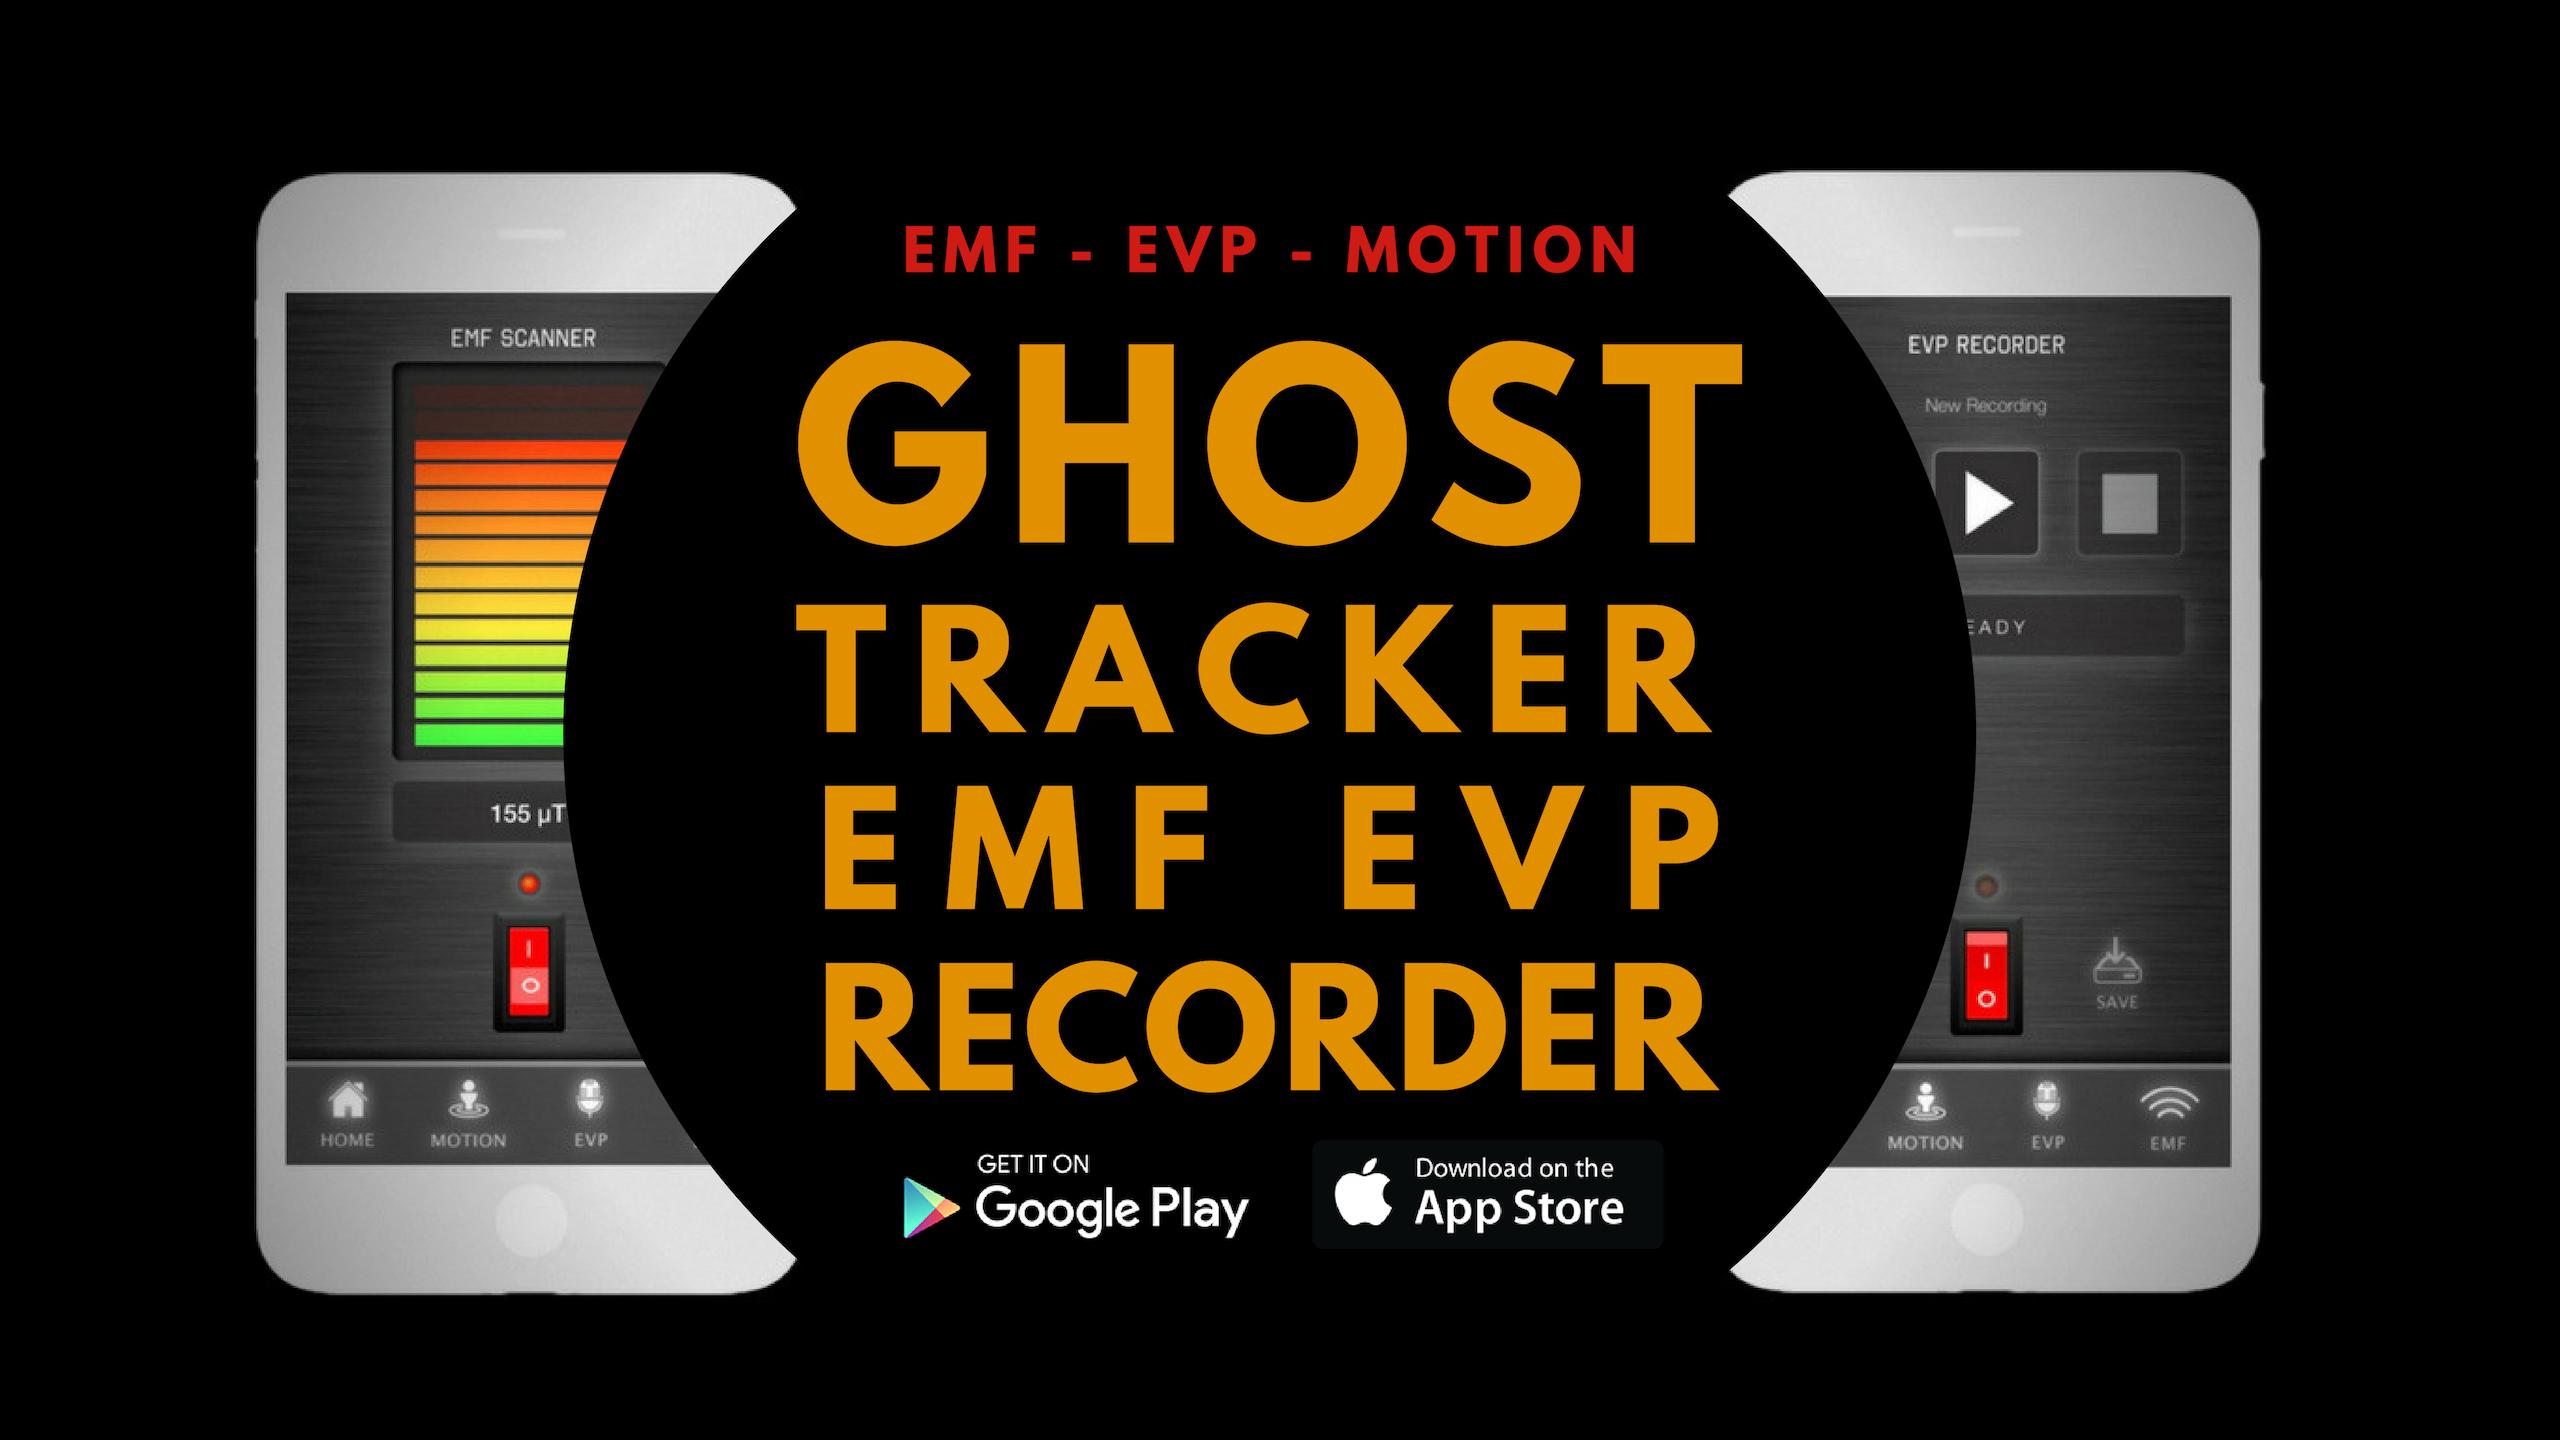 Evp recorder app iphone free